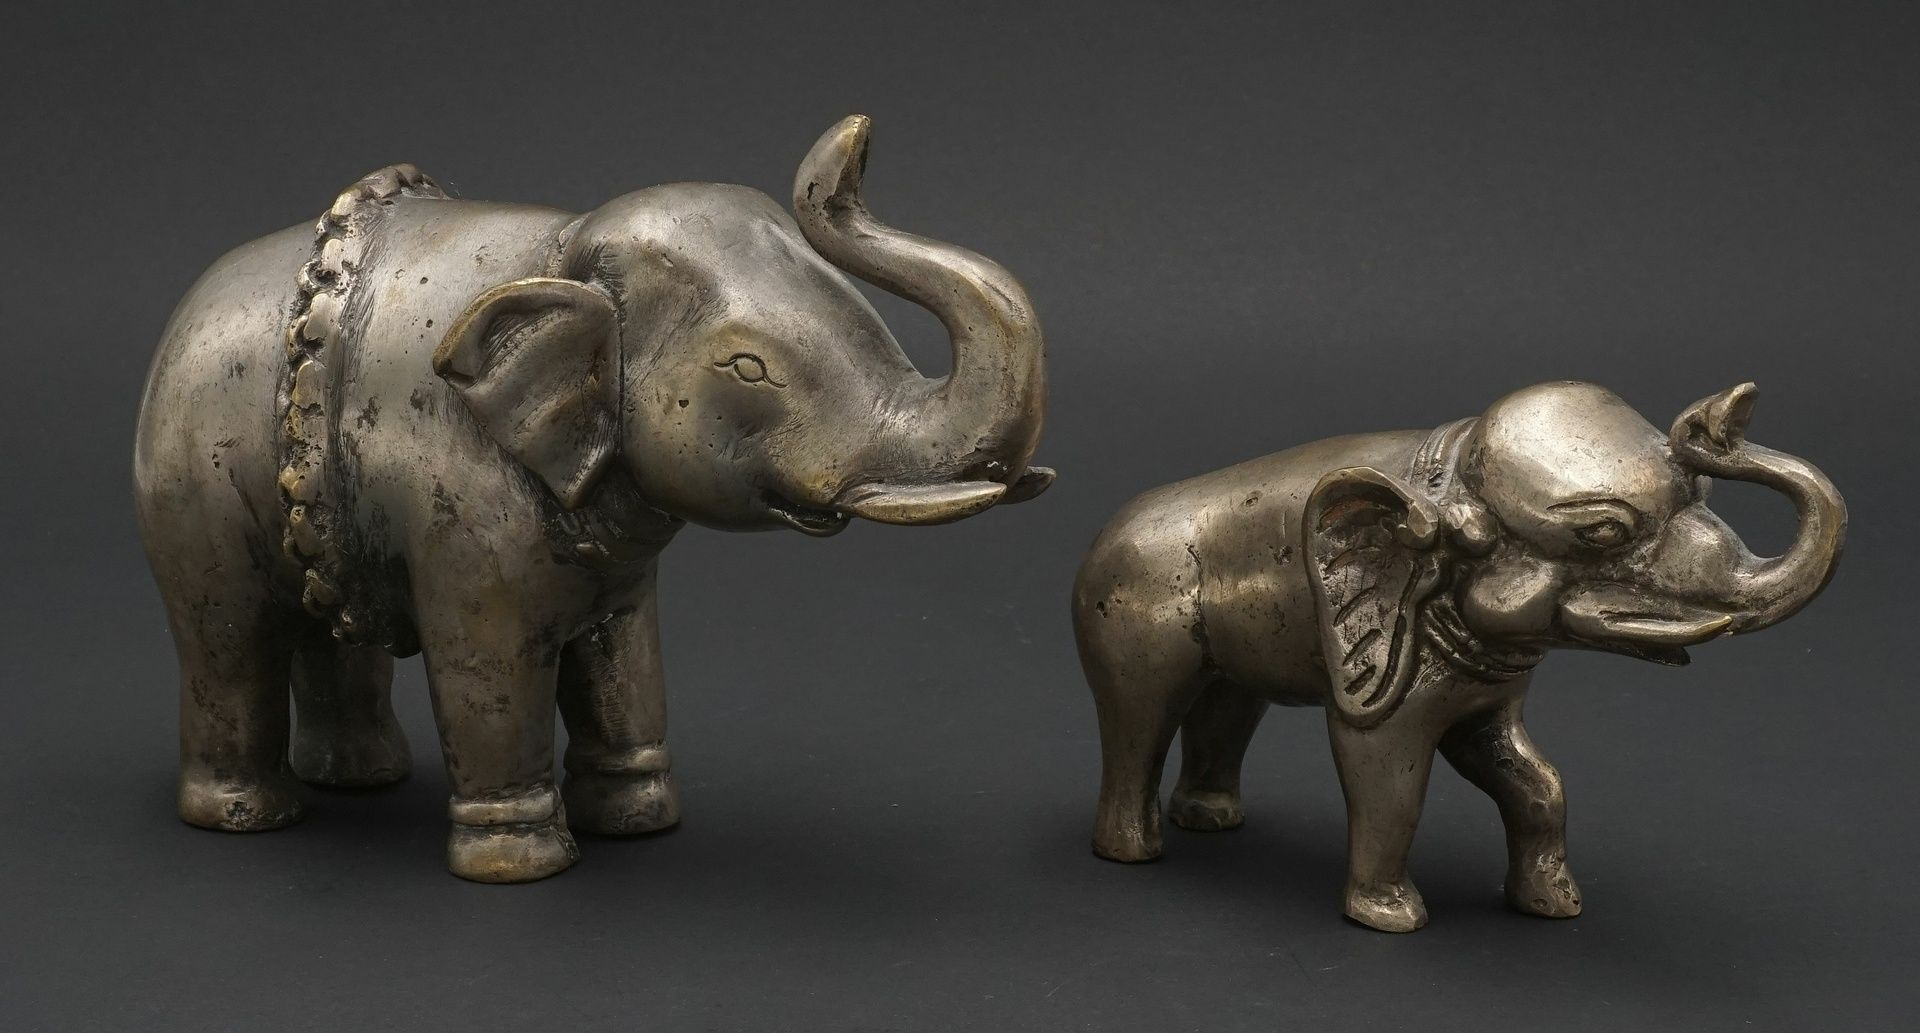 Zwei Elefanten, Indien, 20. Jh. - Bild 2 aus 3